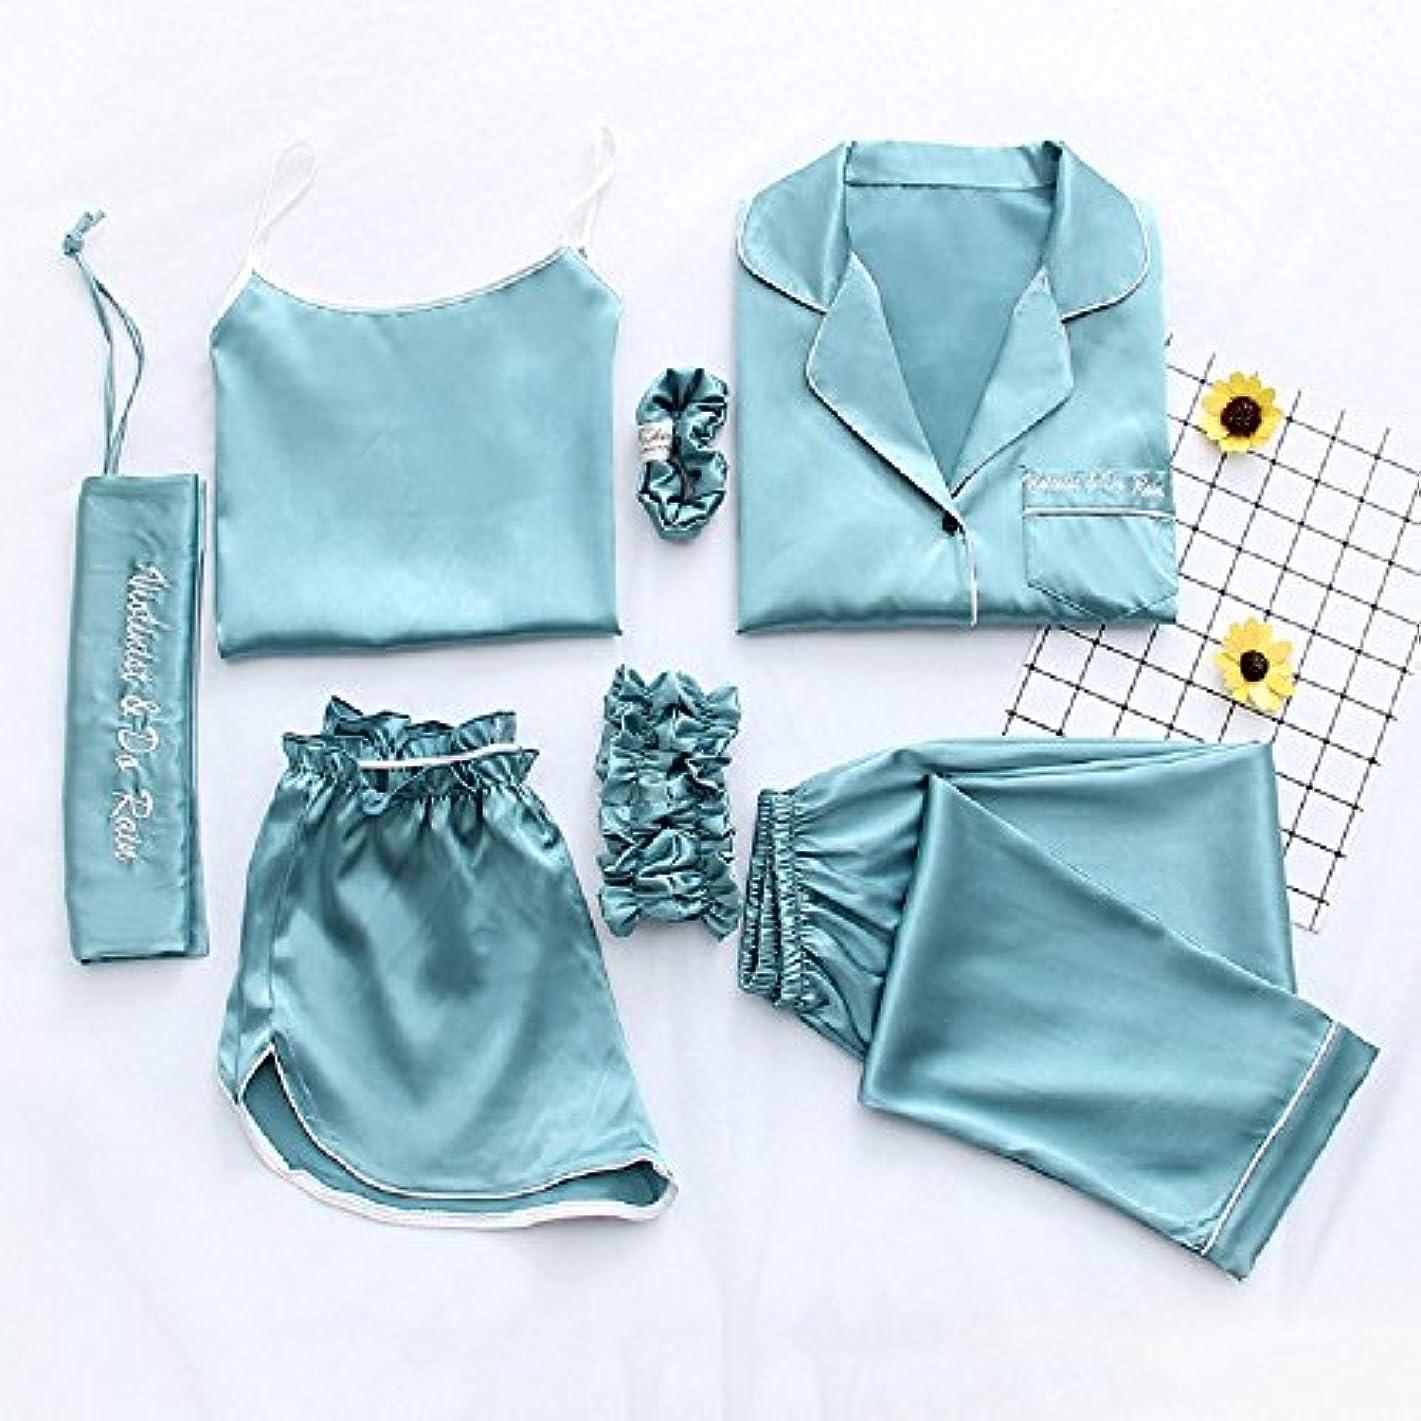 湖絶妙ぎこちないFDY シルク ルームウェア レディース パジャマ スリップ ソフト 女性用 7点セット ヘアバンド シュシュ 収納袋付き